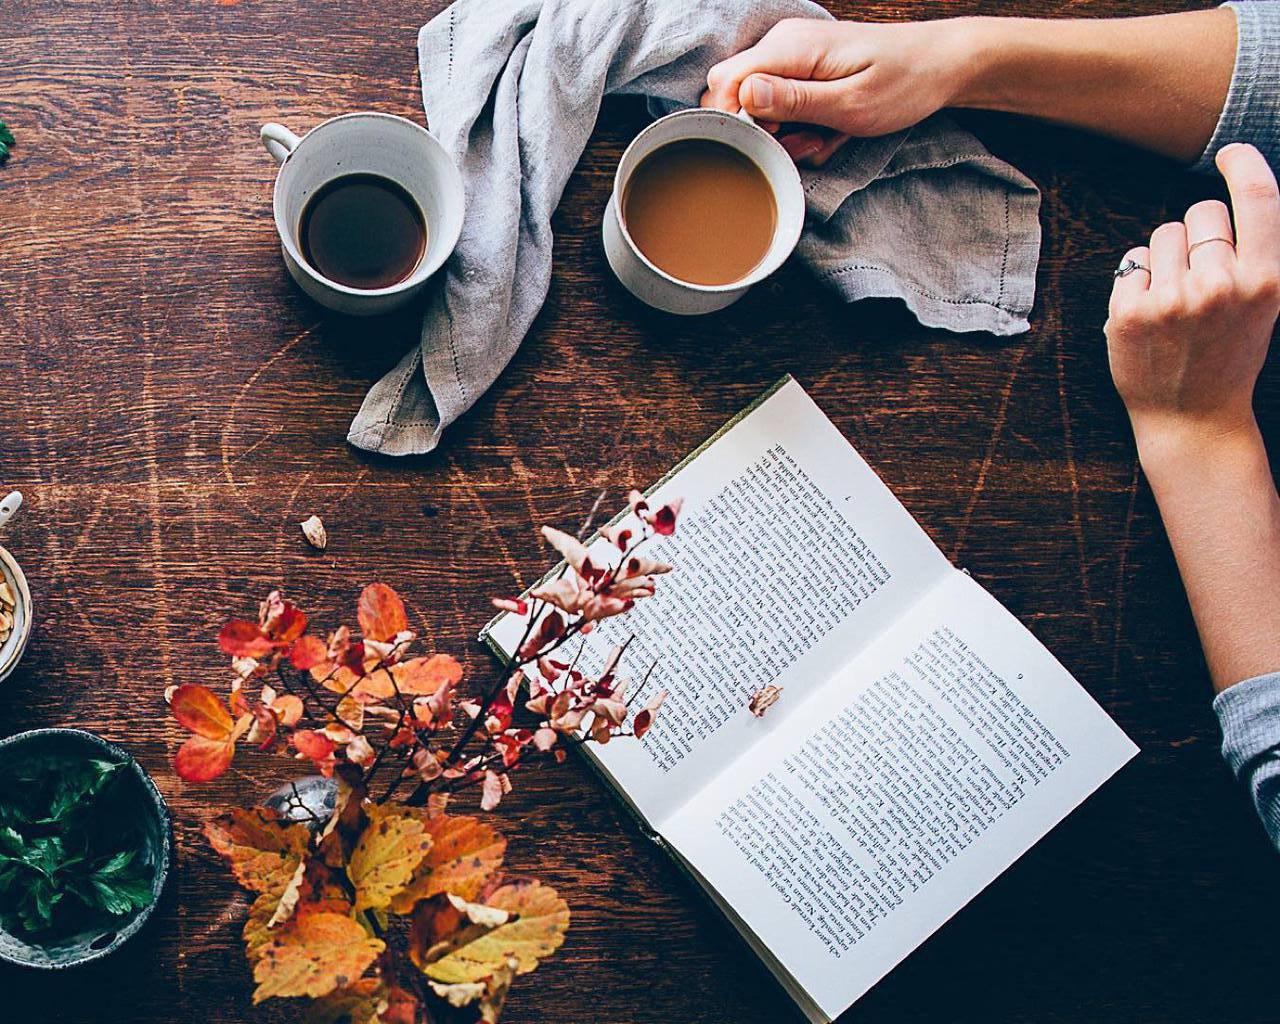 В осеннее время за чашечкой горячего кофе приятнее всего читать любимый роман.